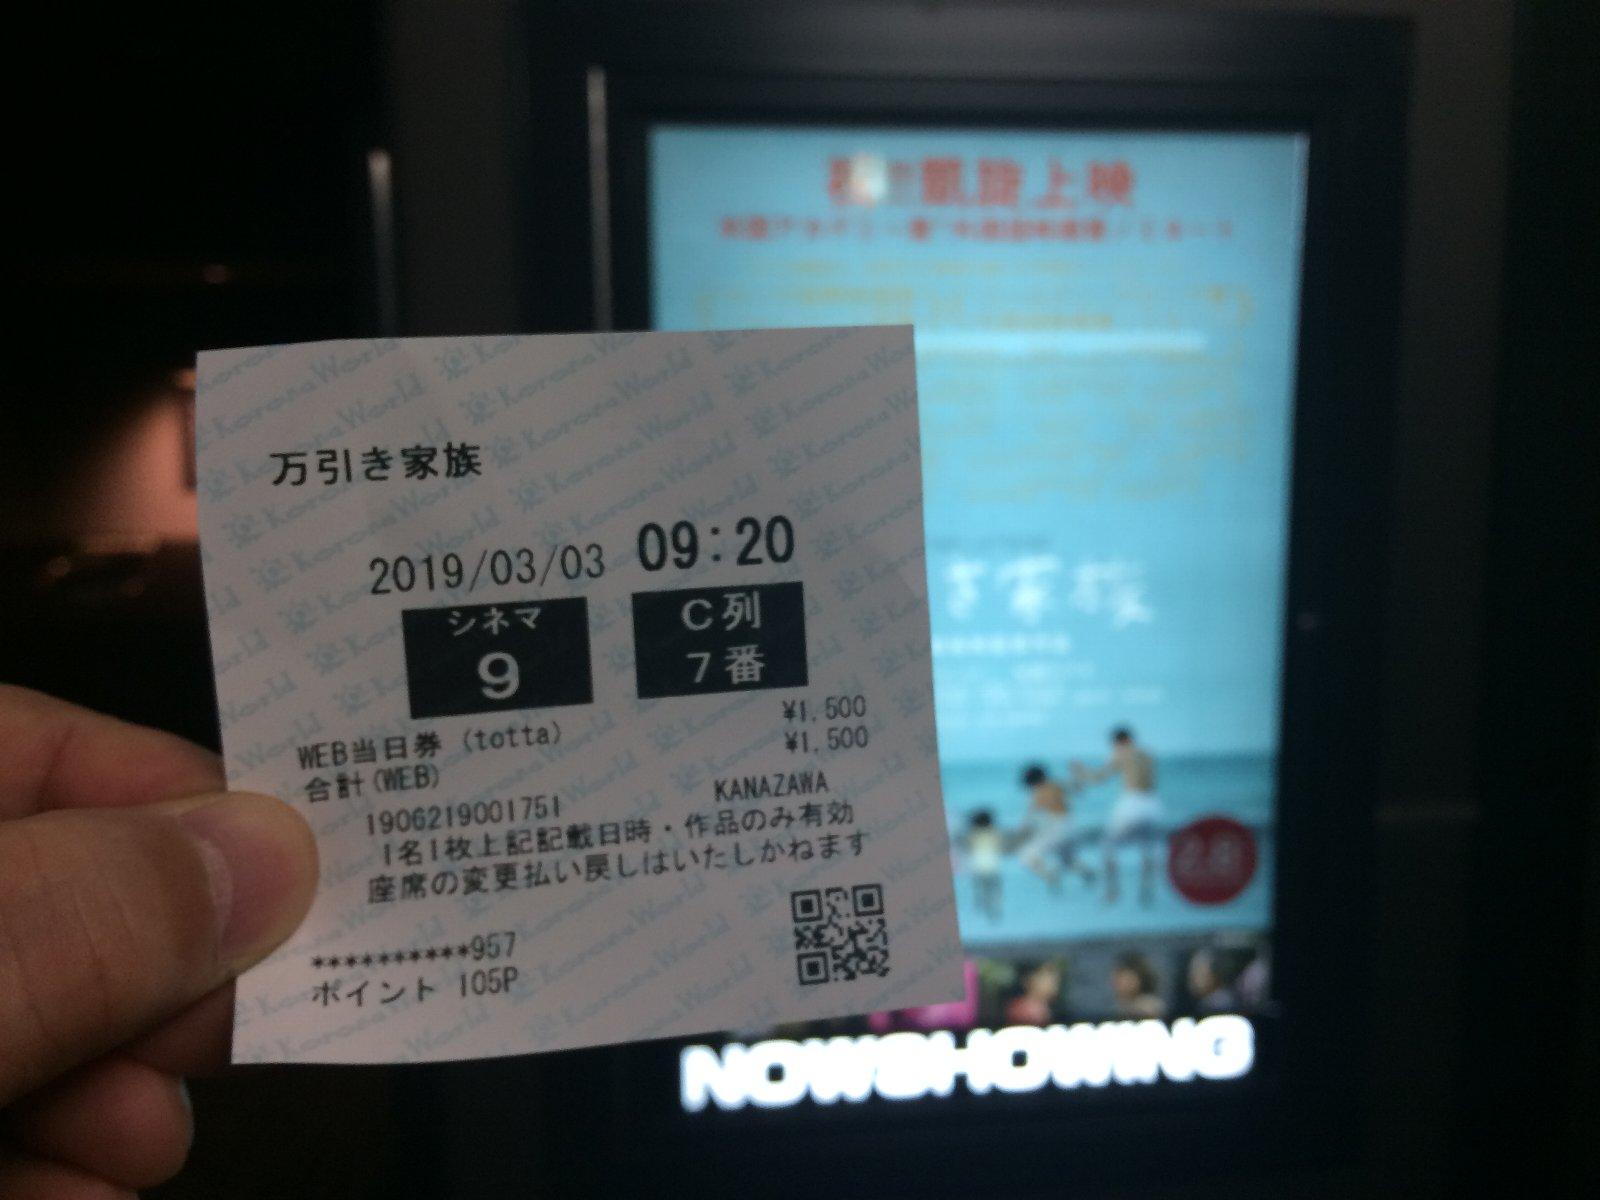 20190303 『万引き家族』チケット